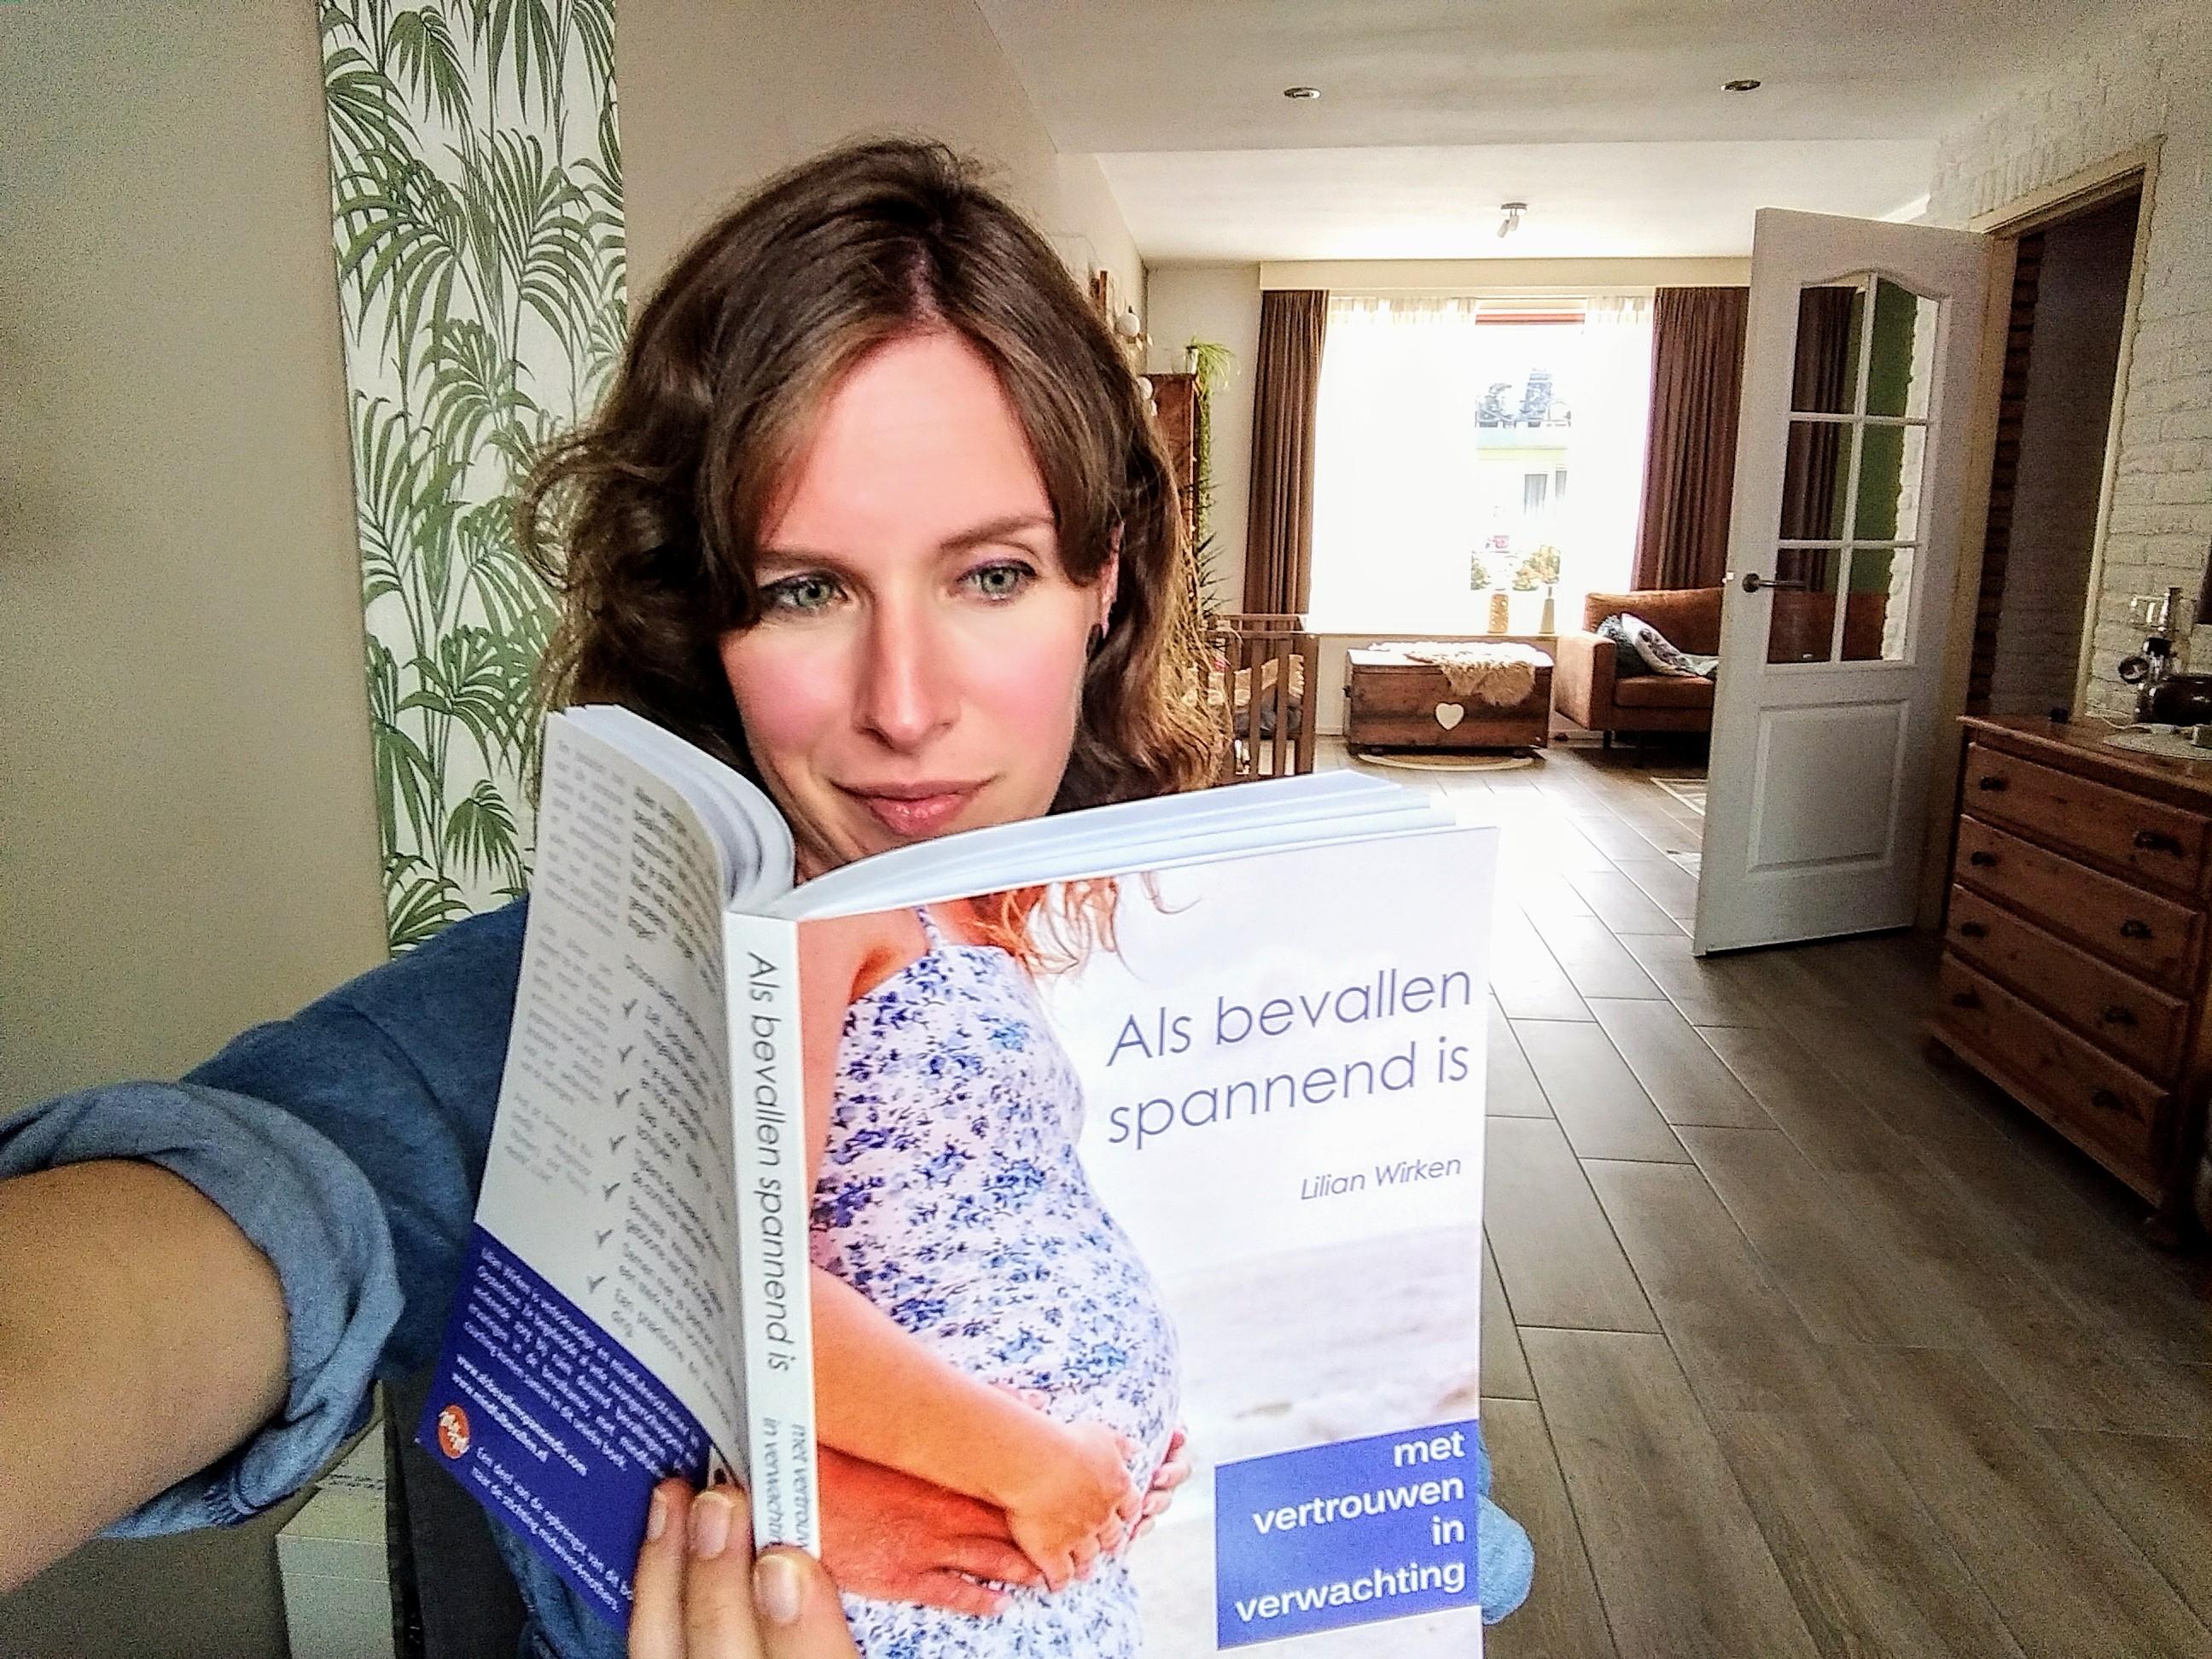 zwanger, derde zwangerschap, derde kindje, mama en zwanger zijn, voorbereiden baby, liggingsecho, echo, mamablog, baby, babyblog, bevallen, lalog, lalog.nl, lalogblog, blog